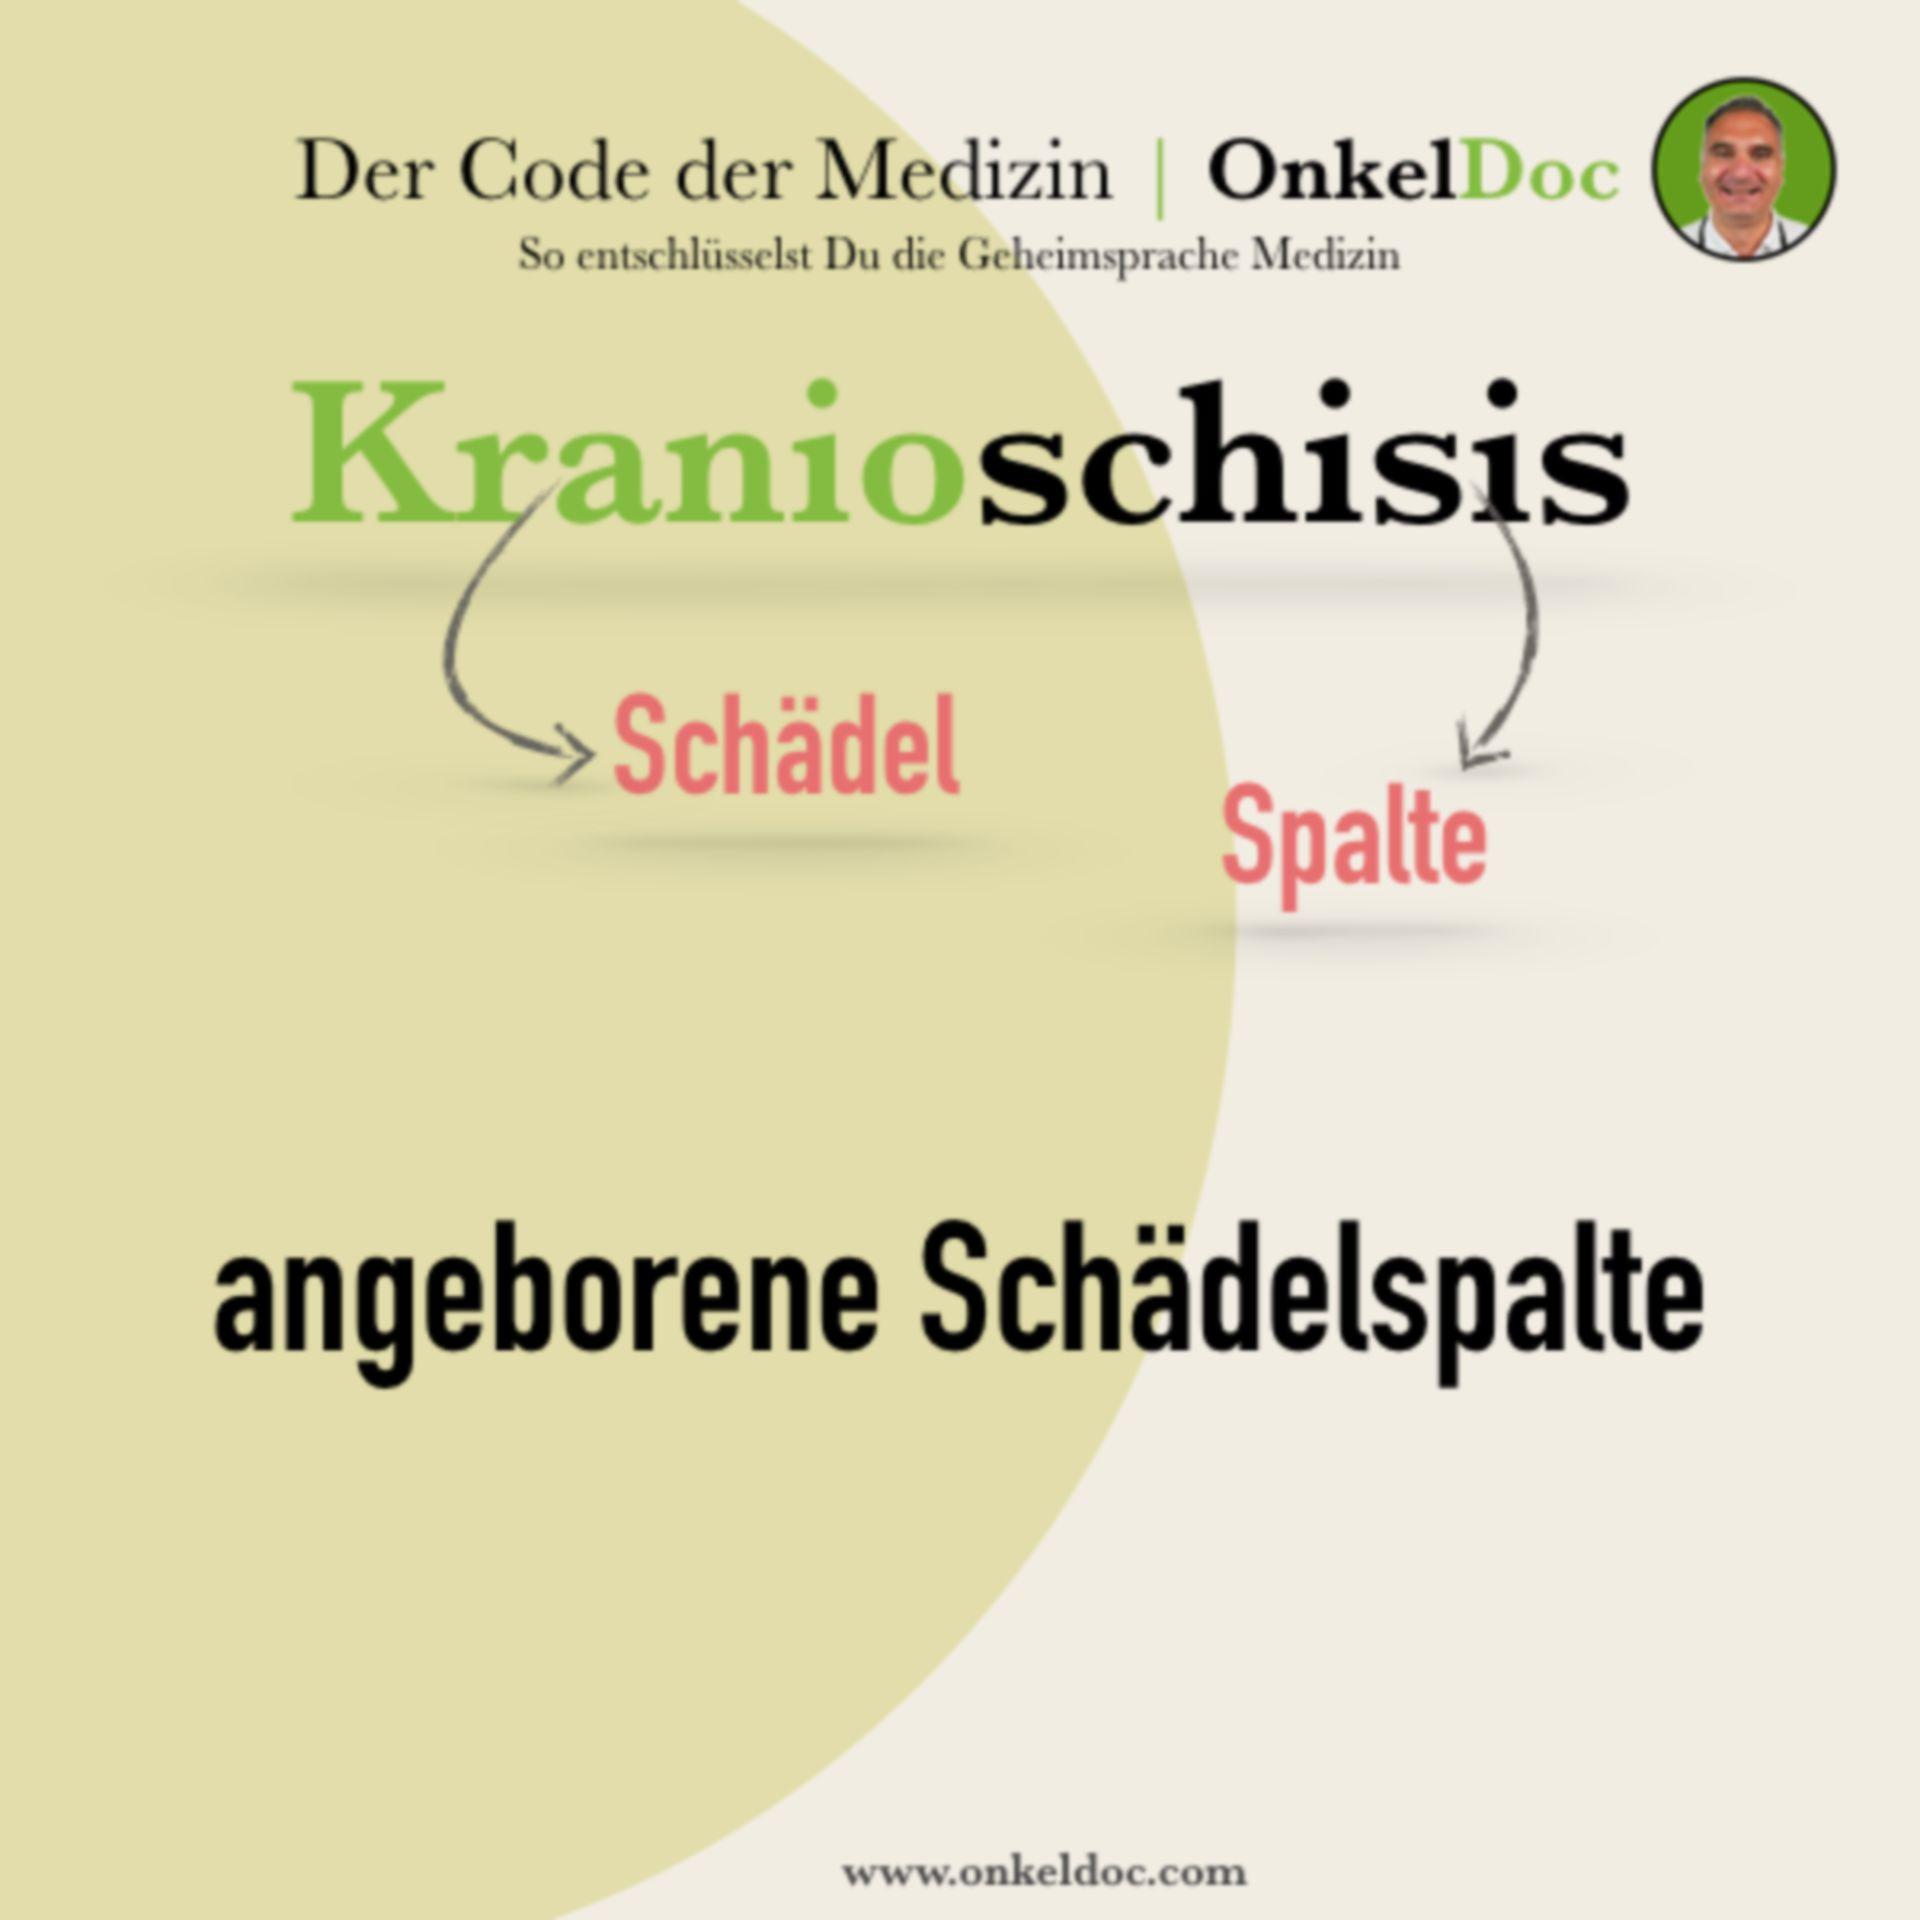 Der Code der Kranioschisis